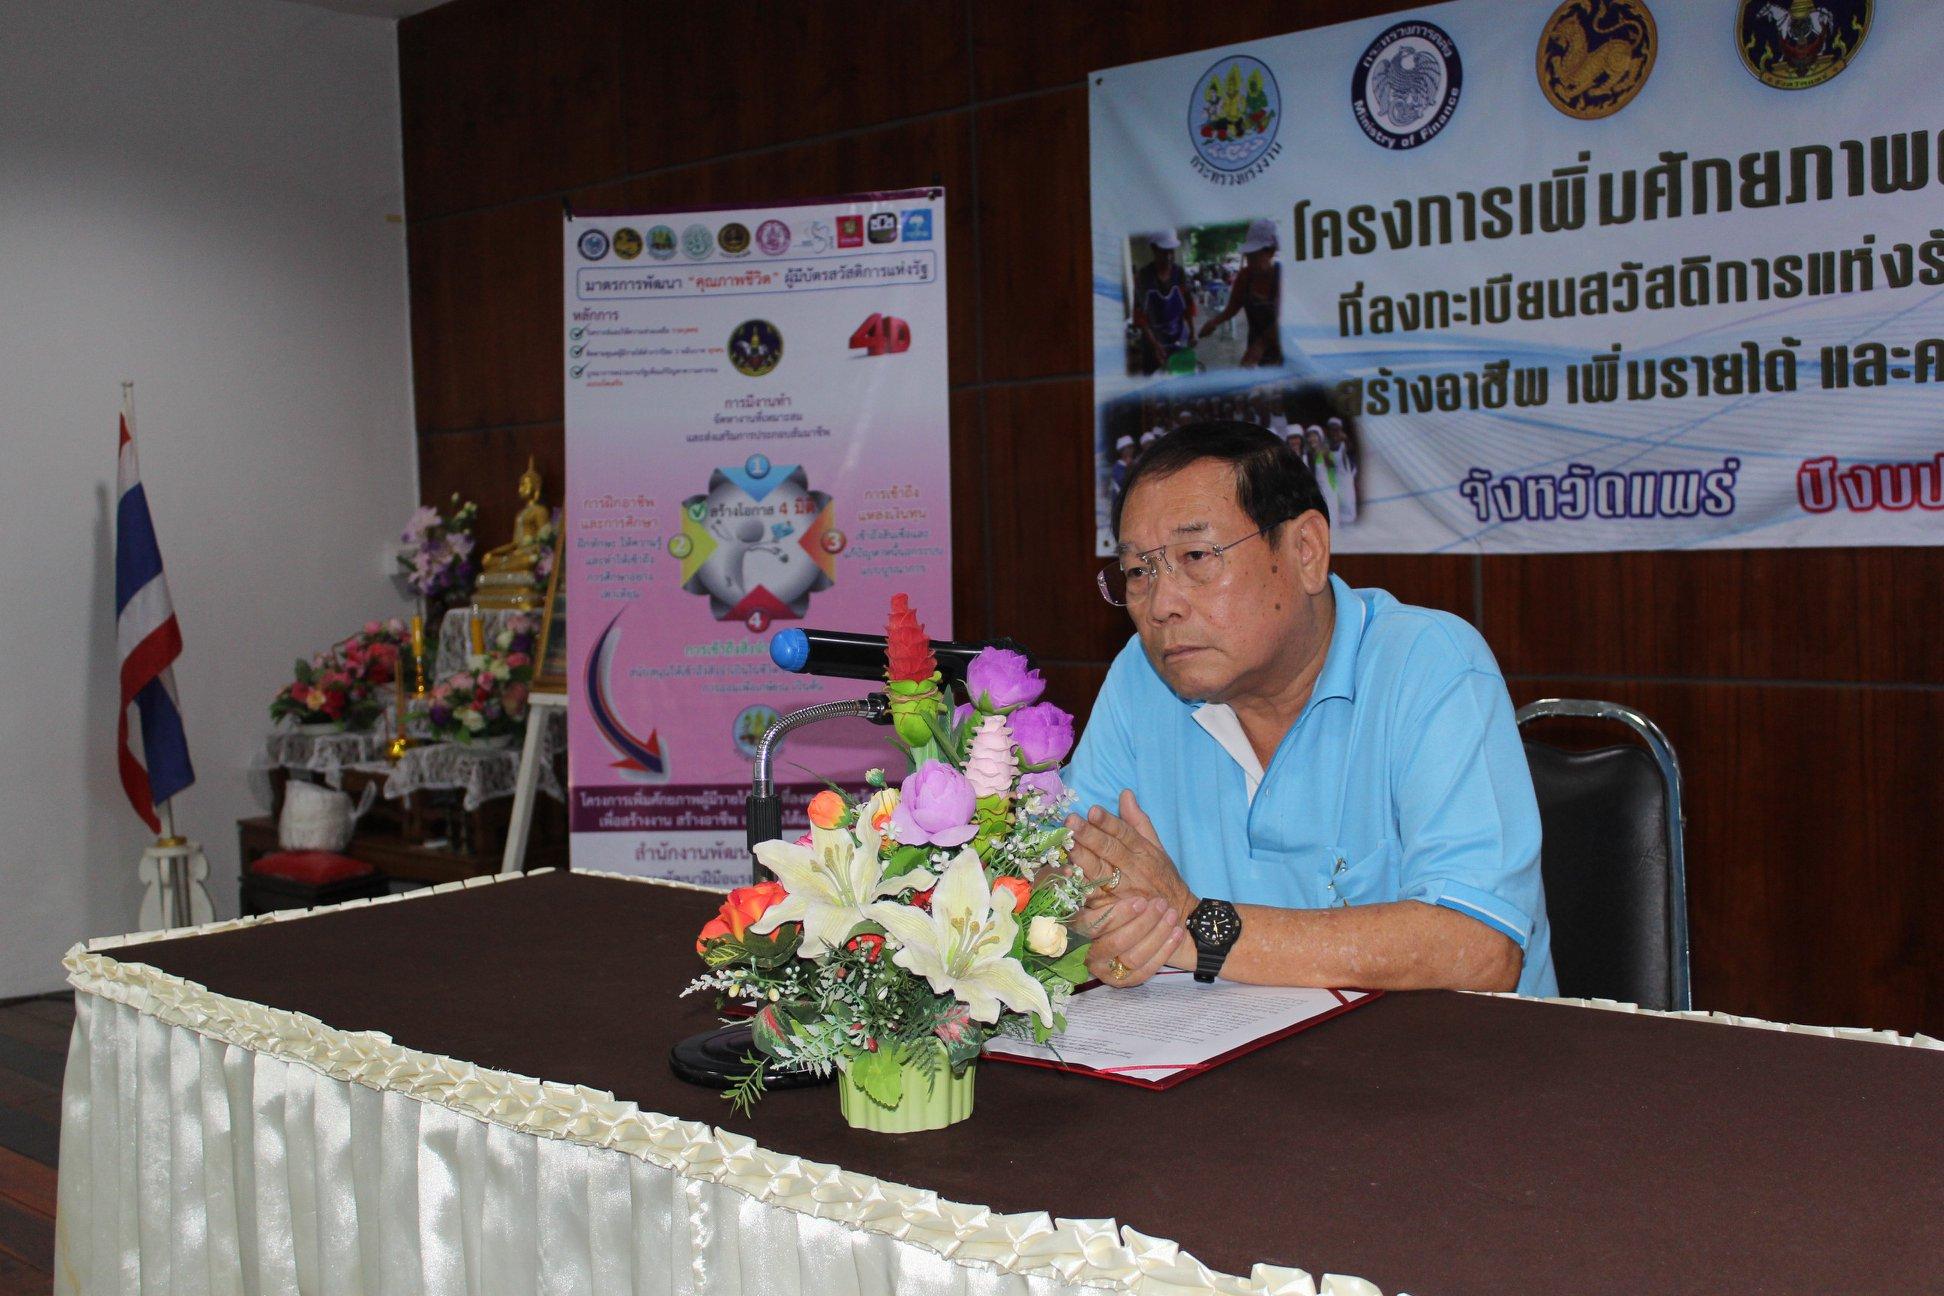 ร่วมพิธีเปิดการฝึกอบรม หลักสูตรการทำอาหารไทย ขนมไทย โครงการเพิ่มศักยภาพผู้มีรายได้น้อยฯ